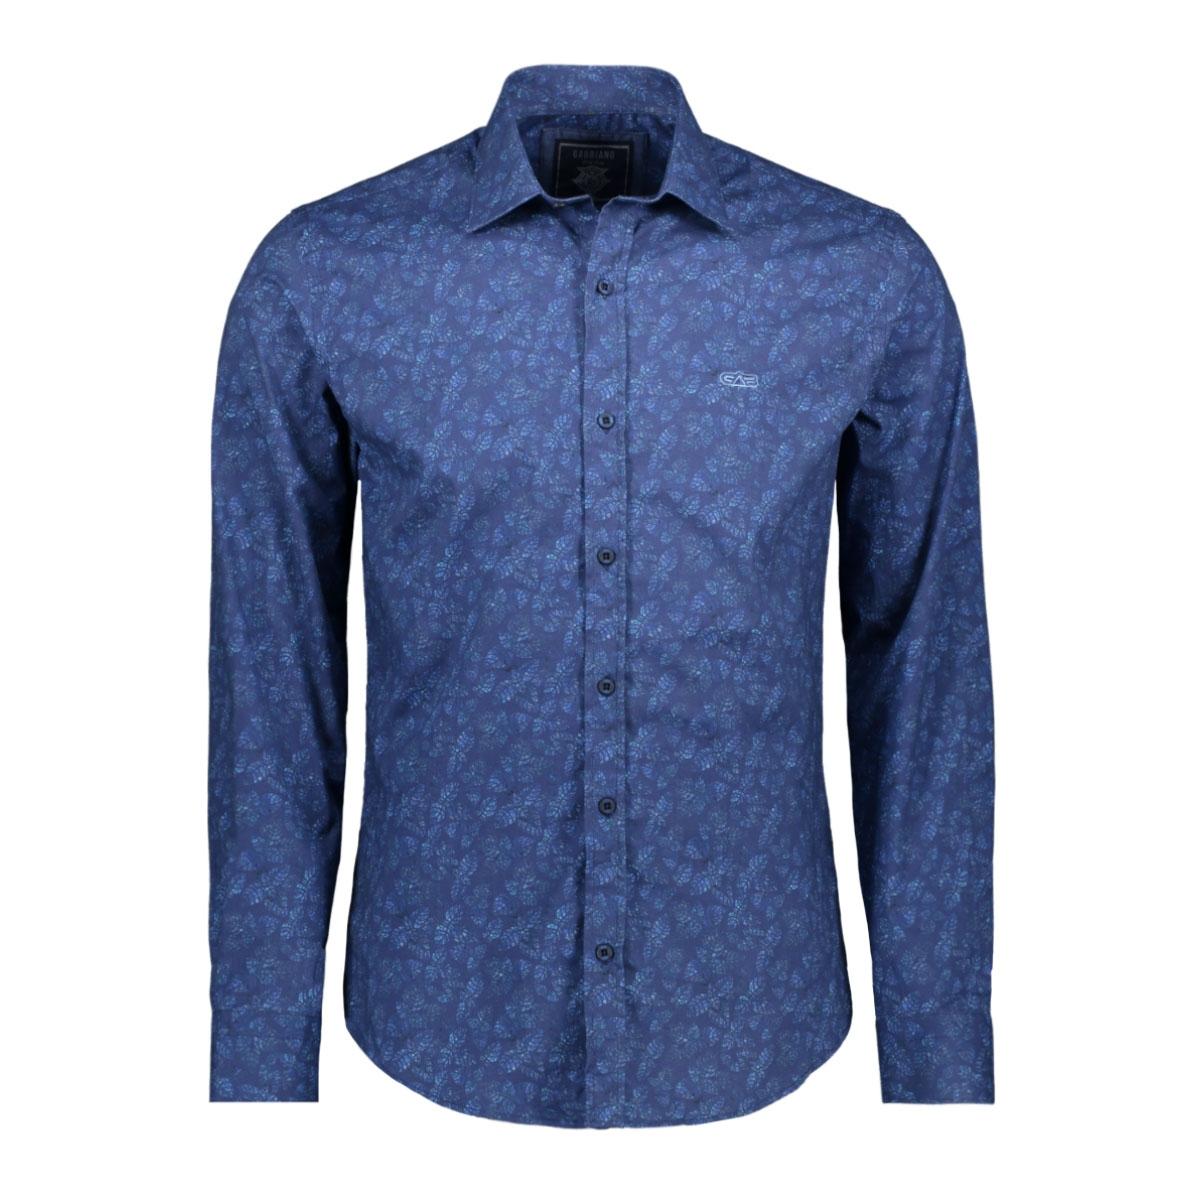 shirt 33821 gabbiano overhemd navy